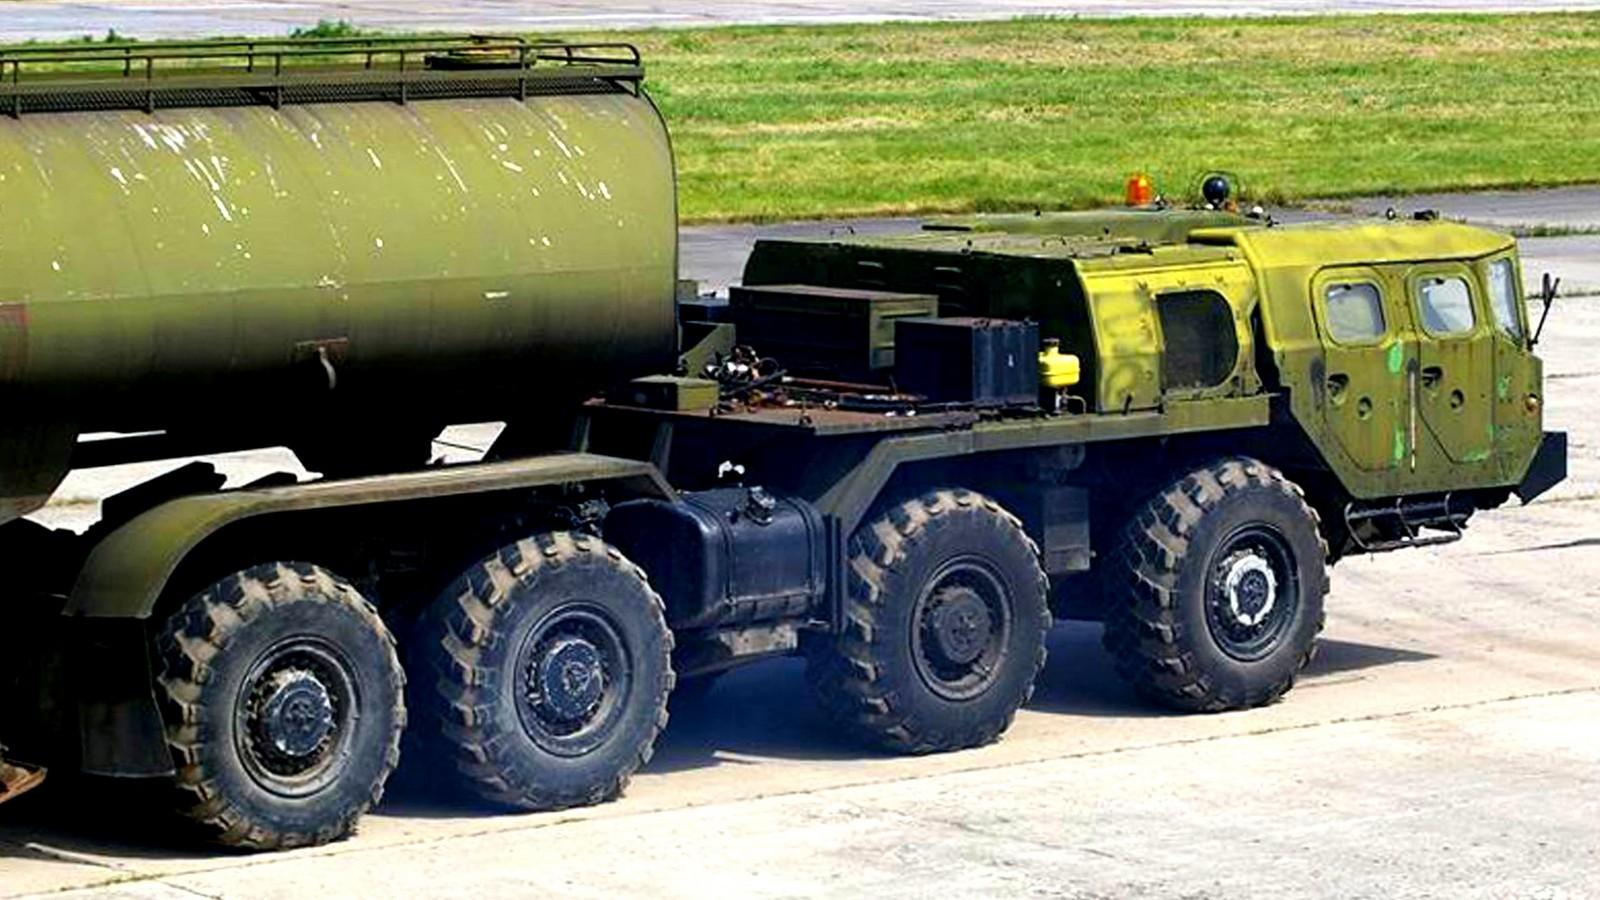 Усиленный седельный тягач МАЗ-74103 без лебедки и третьей кабины (фото М. Чега)